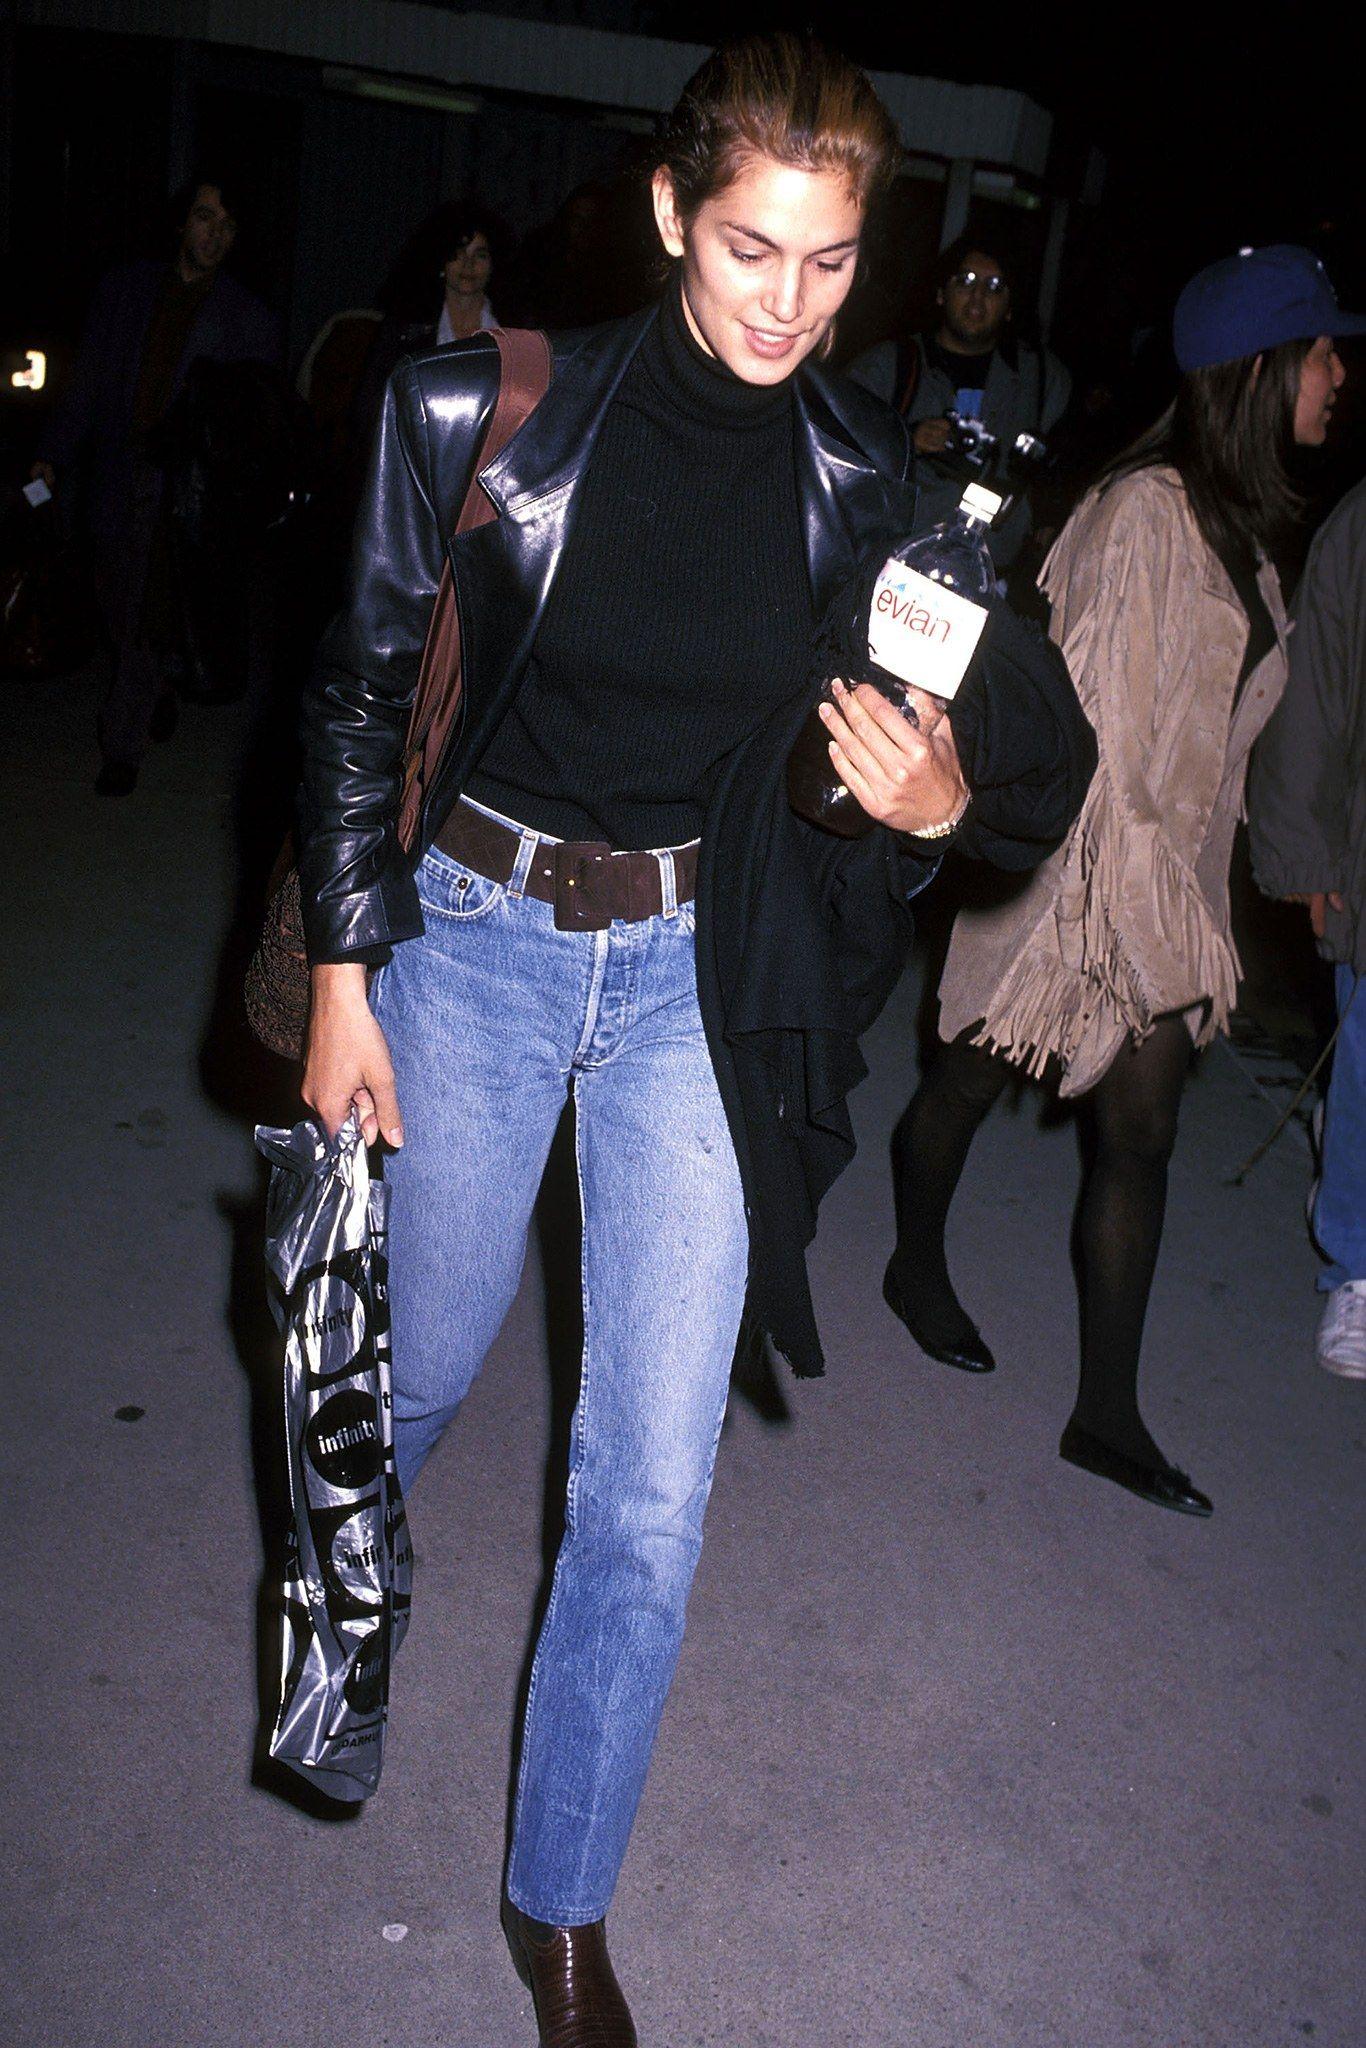 Kuvahaun tulos haulle 90s supermodels jeans